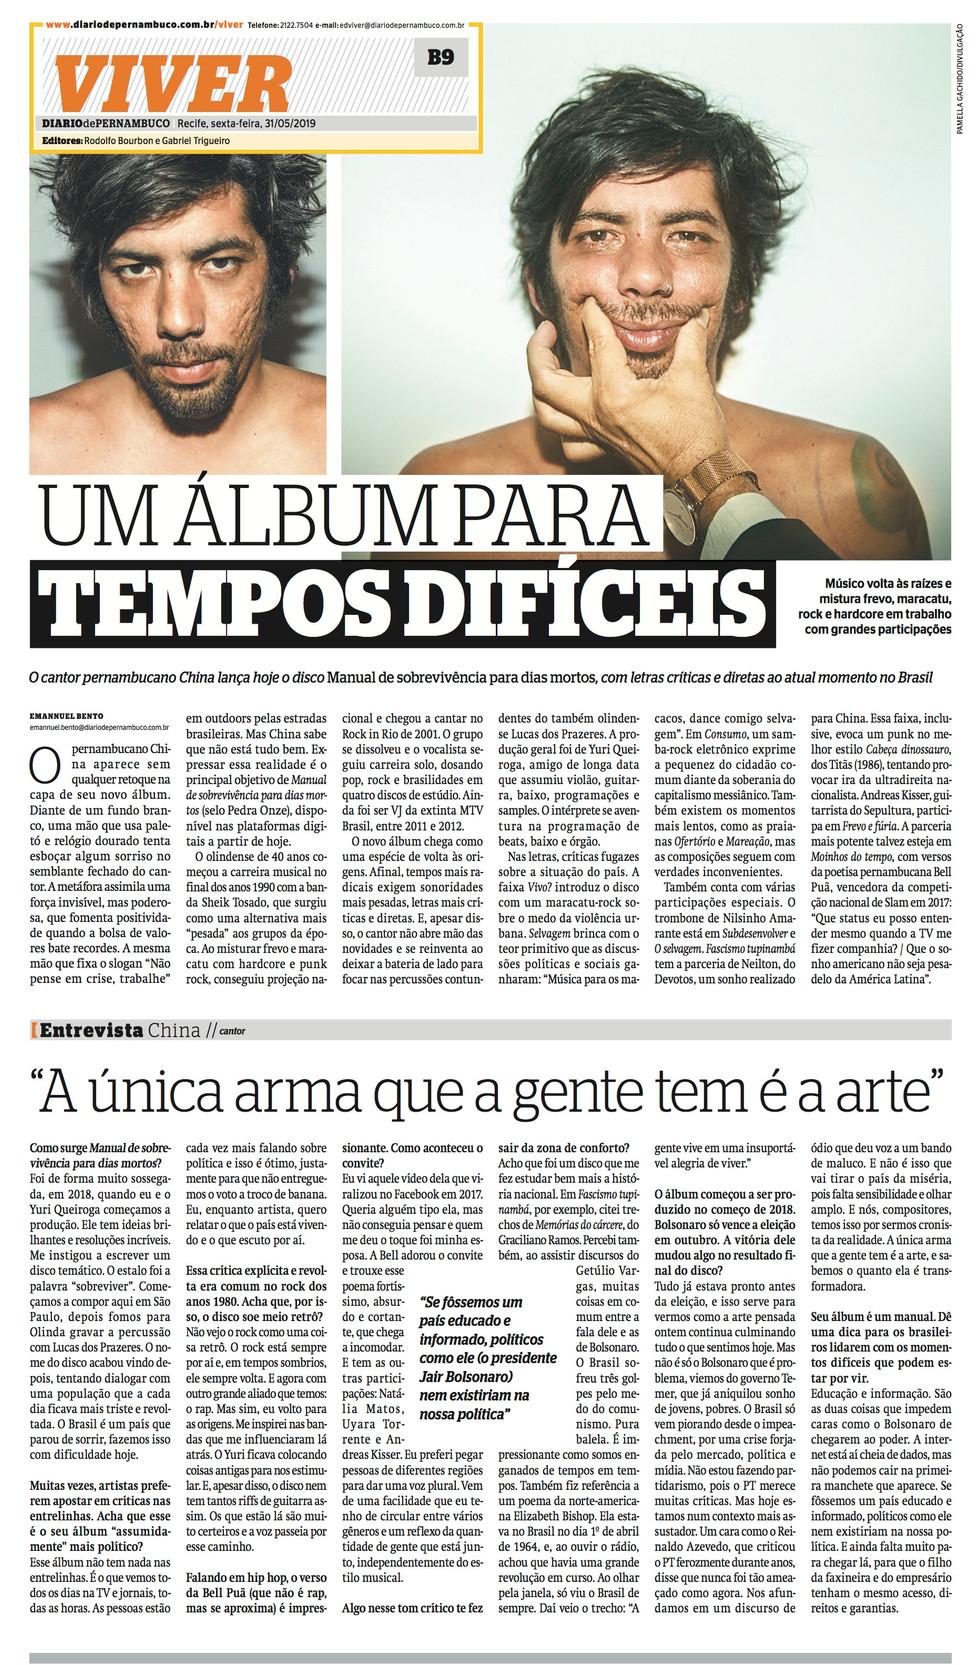 MSDM @ Diário de Pernambuco